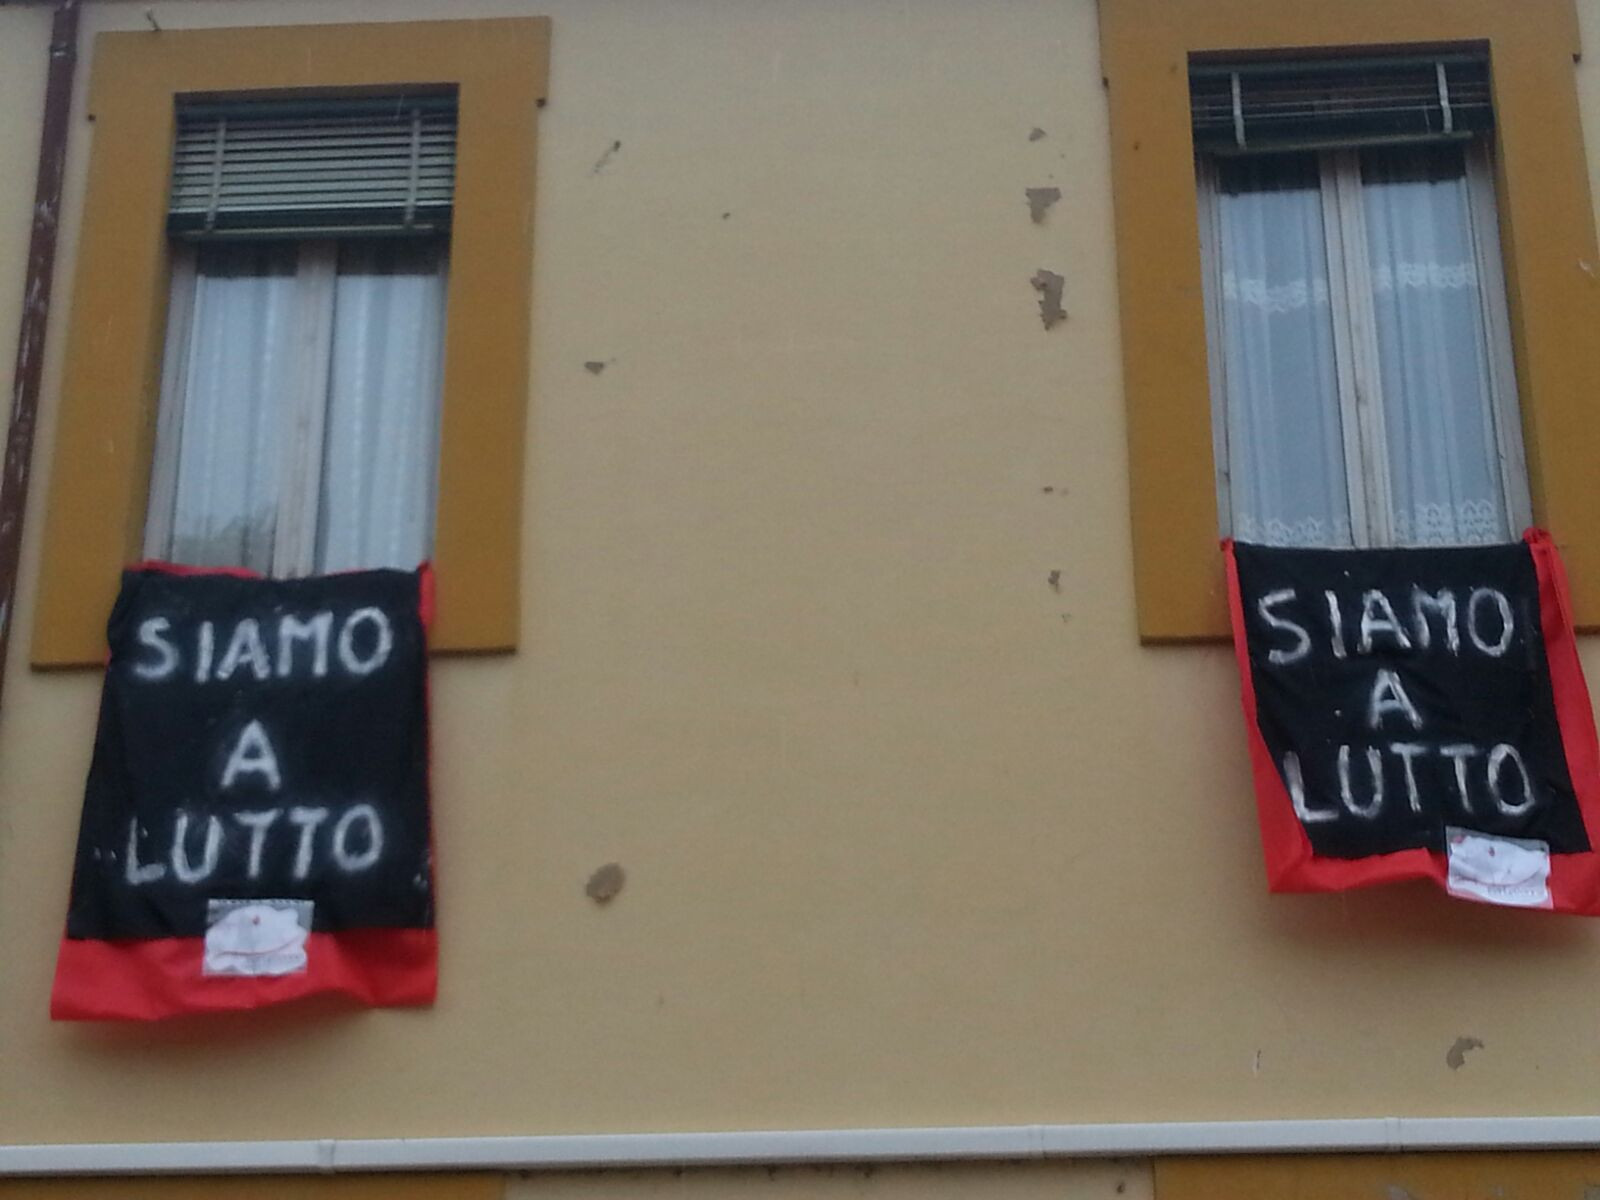 <p>Sono 58 le donne che in Italia dall&#8217;inizio dell&#8217;anno sono state uccise per mano di conviventi, mariti, fidanzati o ex. Si chiama FEMMINICIDIO ed è un crimine che avviene quando uomini incapaci di vivere danno la morte a chi non possono più controllare o possedere. Noi lo denuciamo così dalle [&hellip;]</p>